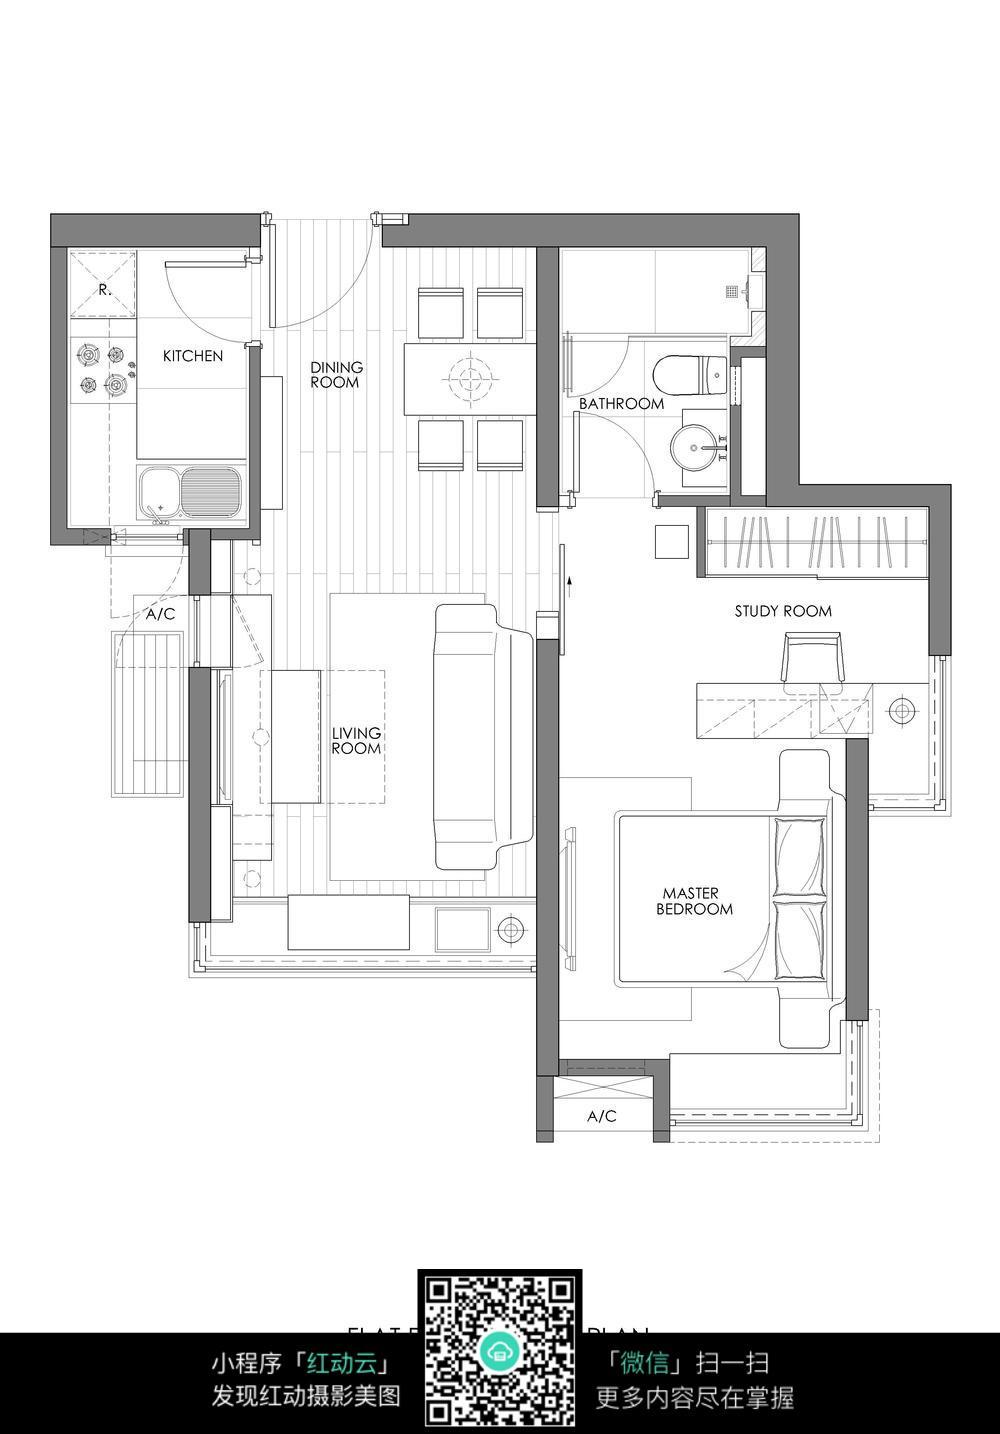 小户型卧室装修CAD平面图图片免费下载 编号5701907 红动网